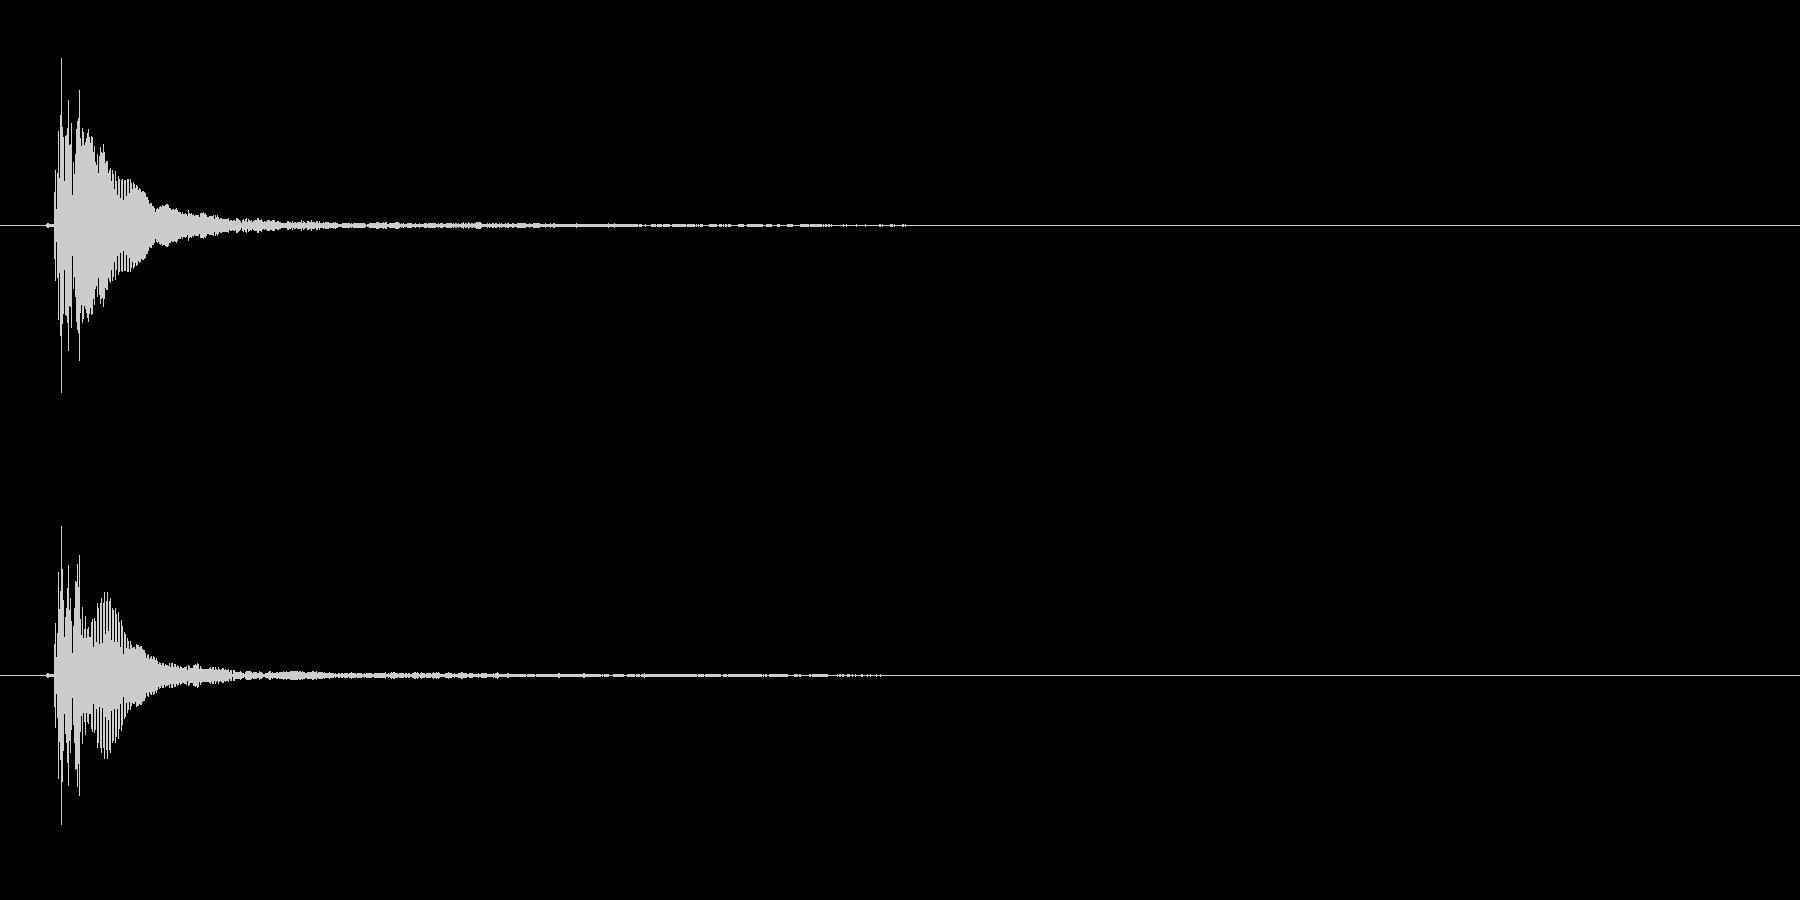 能や歌舞伎の小鼓(つづみ)の単発音+FXの未再生の波形